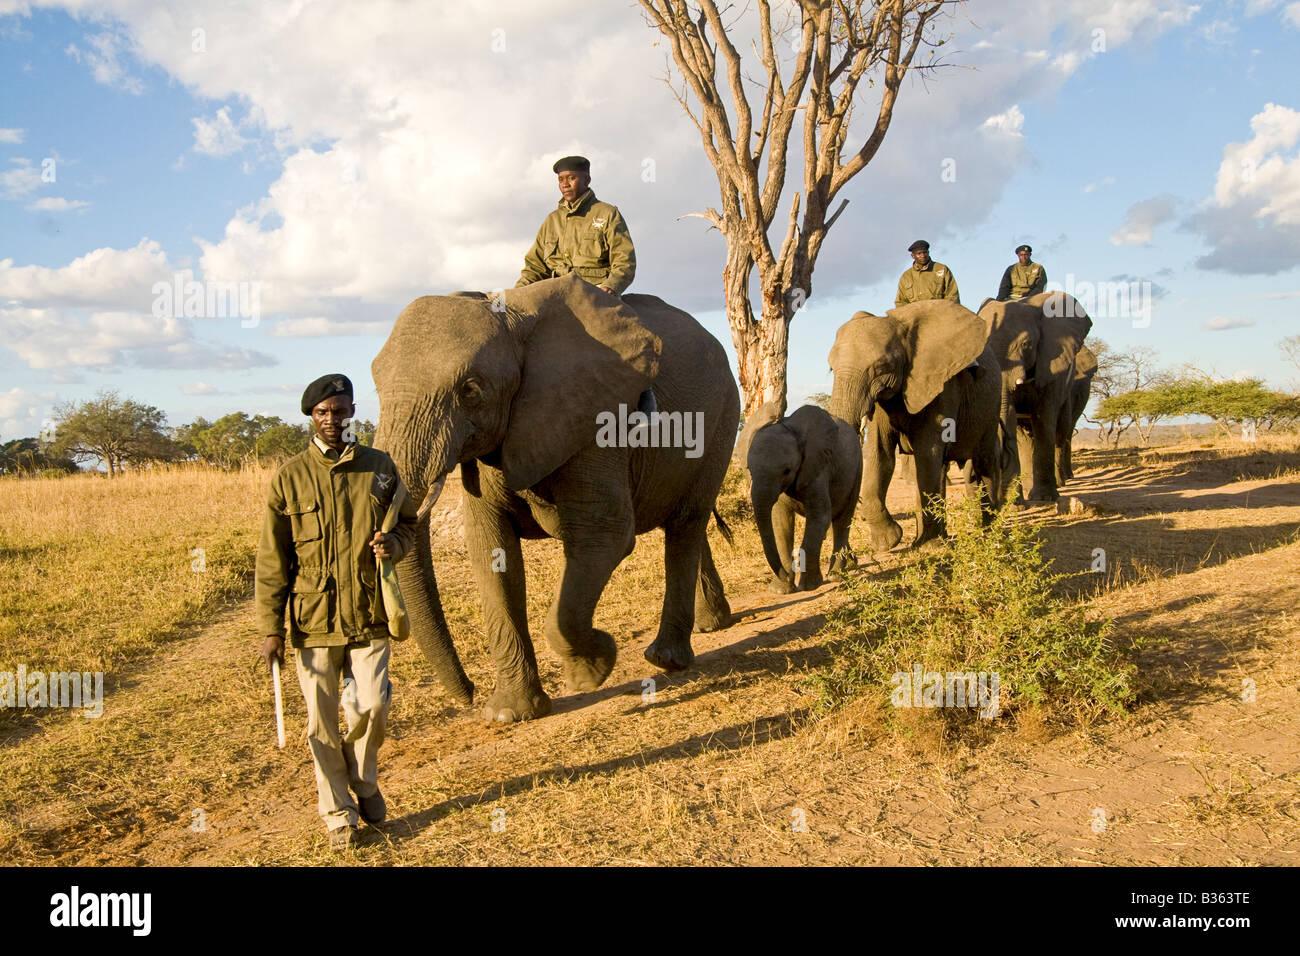 Elephant safari ride at Camp Jabulani upscale safari game park near Hoedspruit South Africa - Stock Image